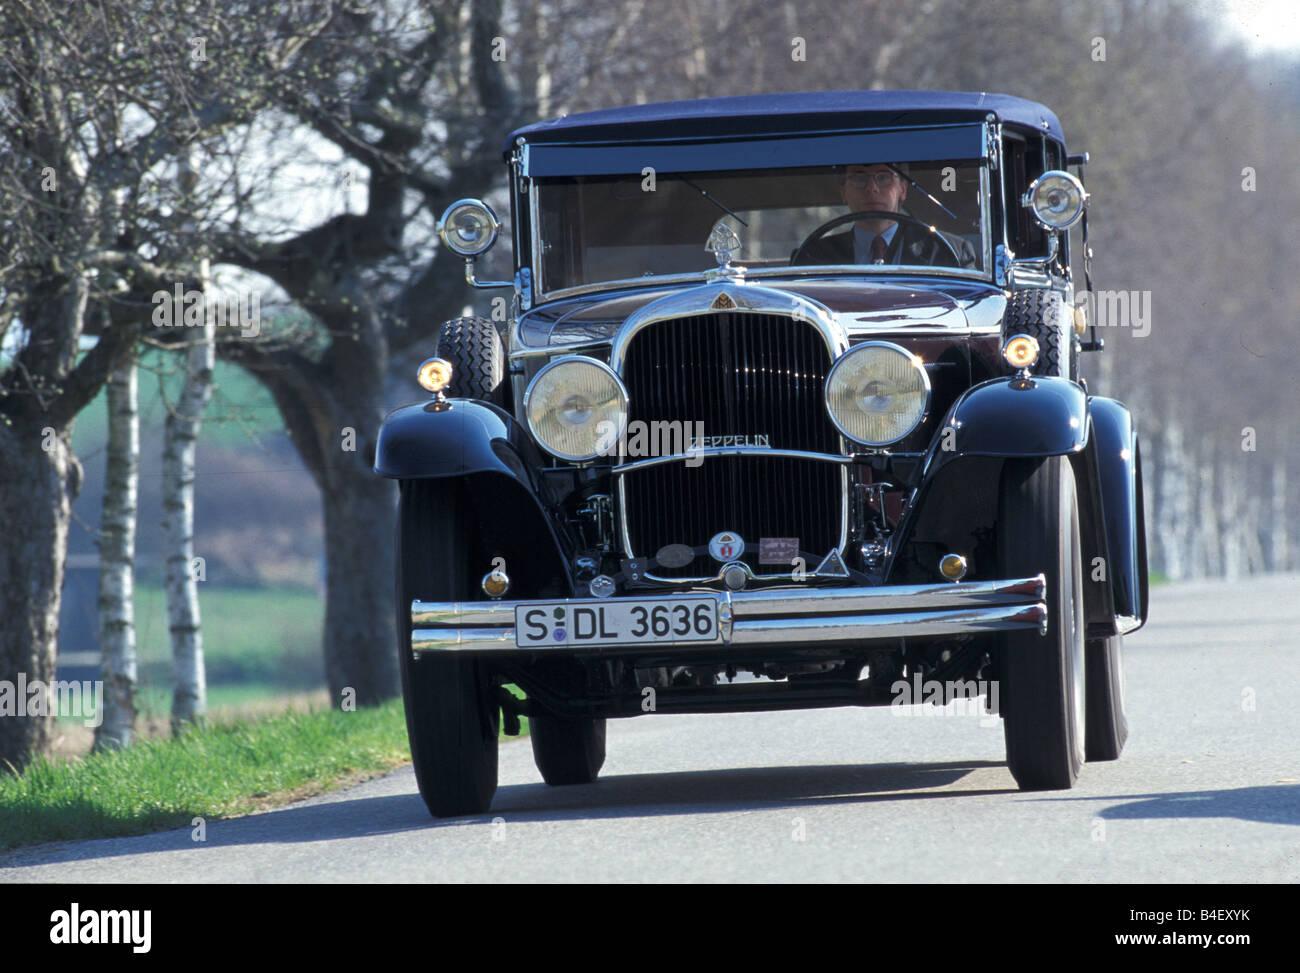 maybach zeppelin, auto, oldtimer, 1930er jahre, dreißiger jahre